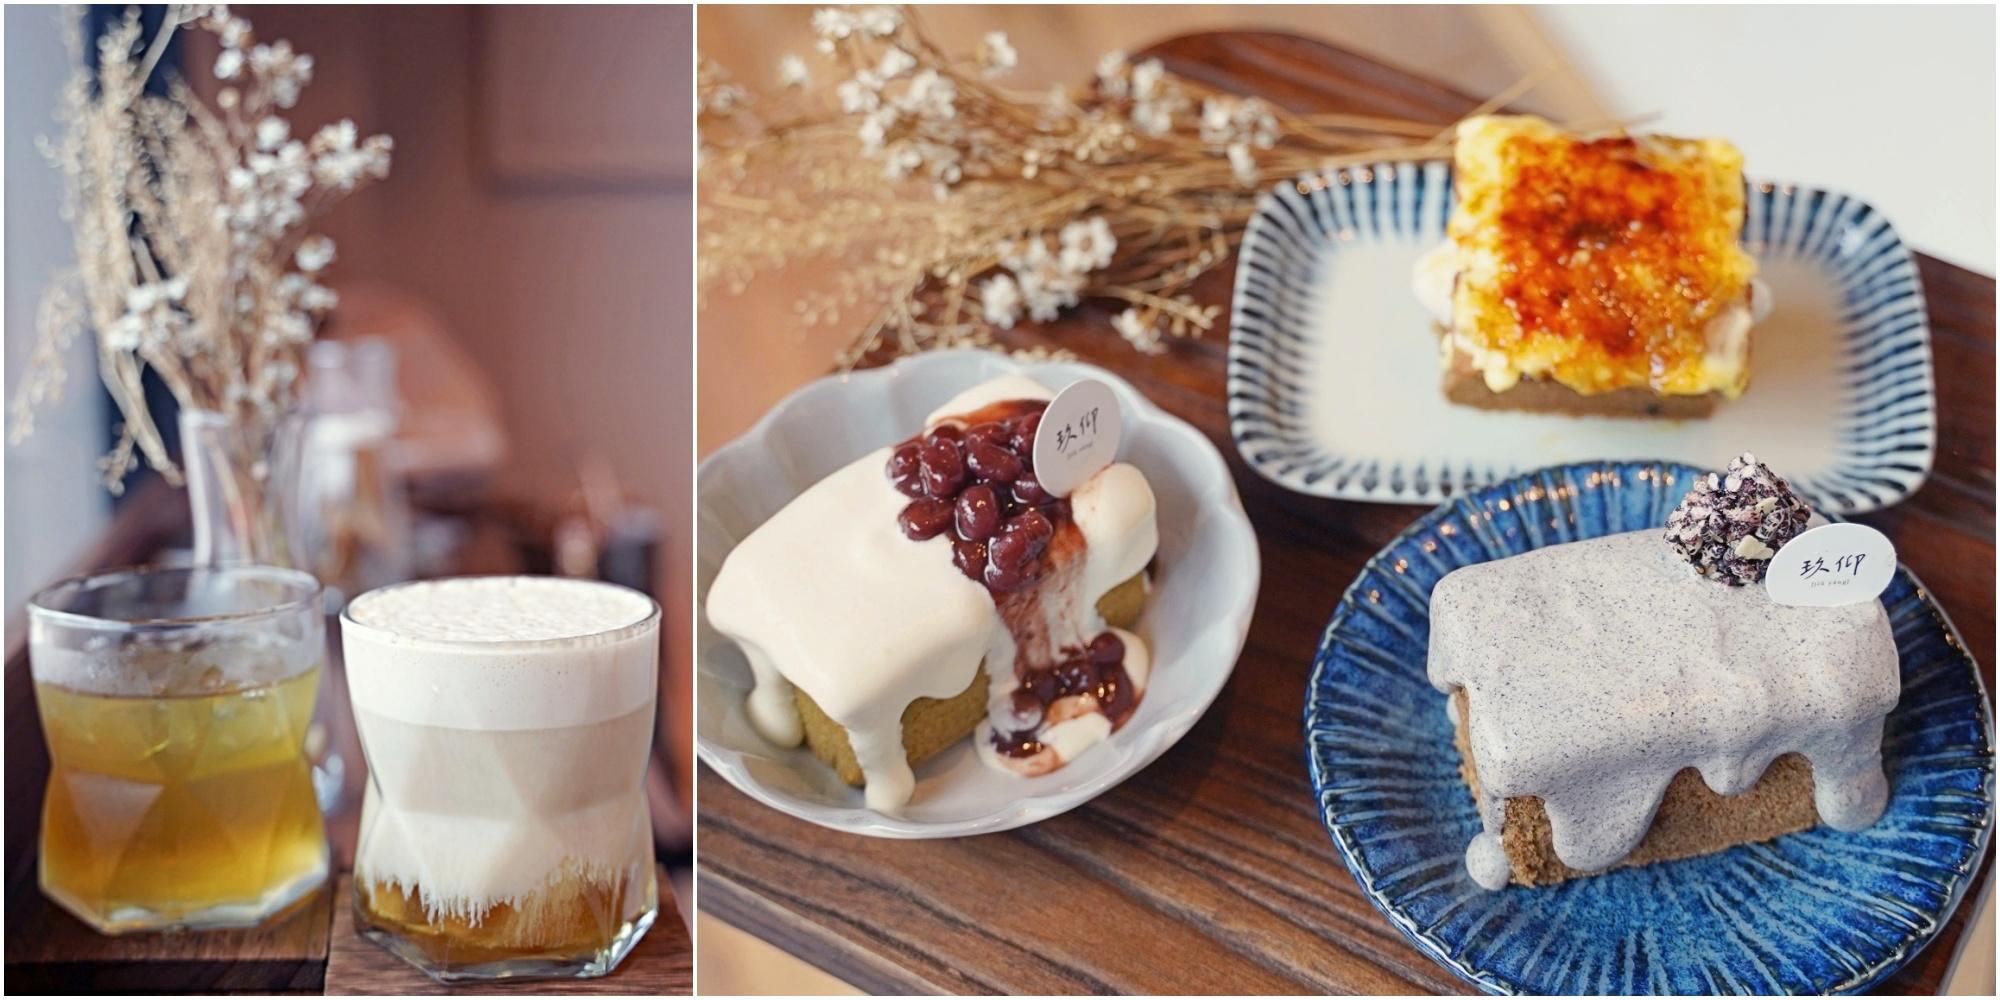 淡水捷運站美食|玖仰茶食文化|濃口焦糖布丁、芋泥肉鬆鹹蛋QQ(2021/02/09增修菜單、價格)